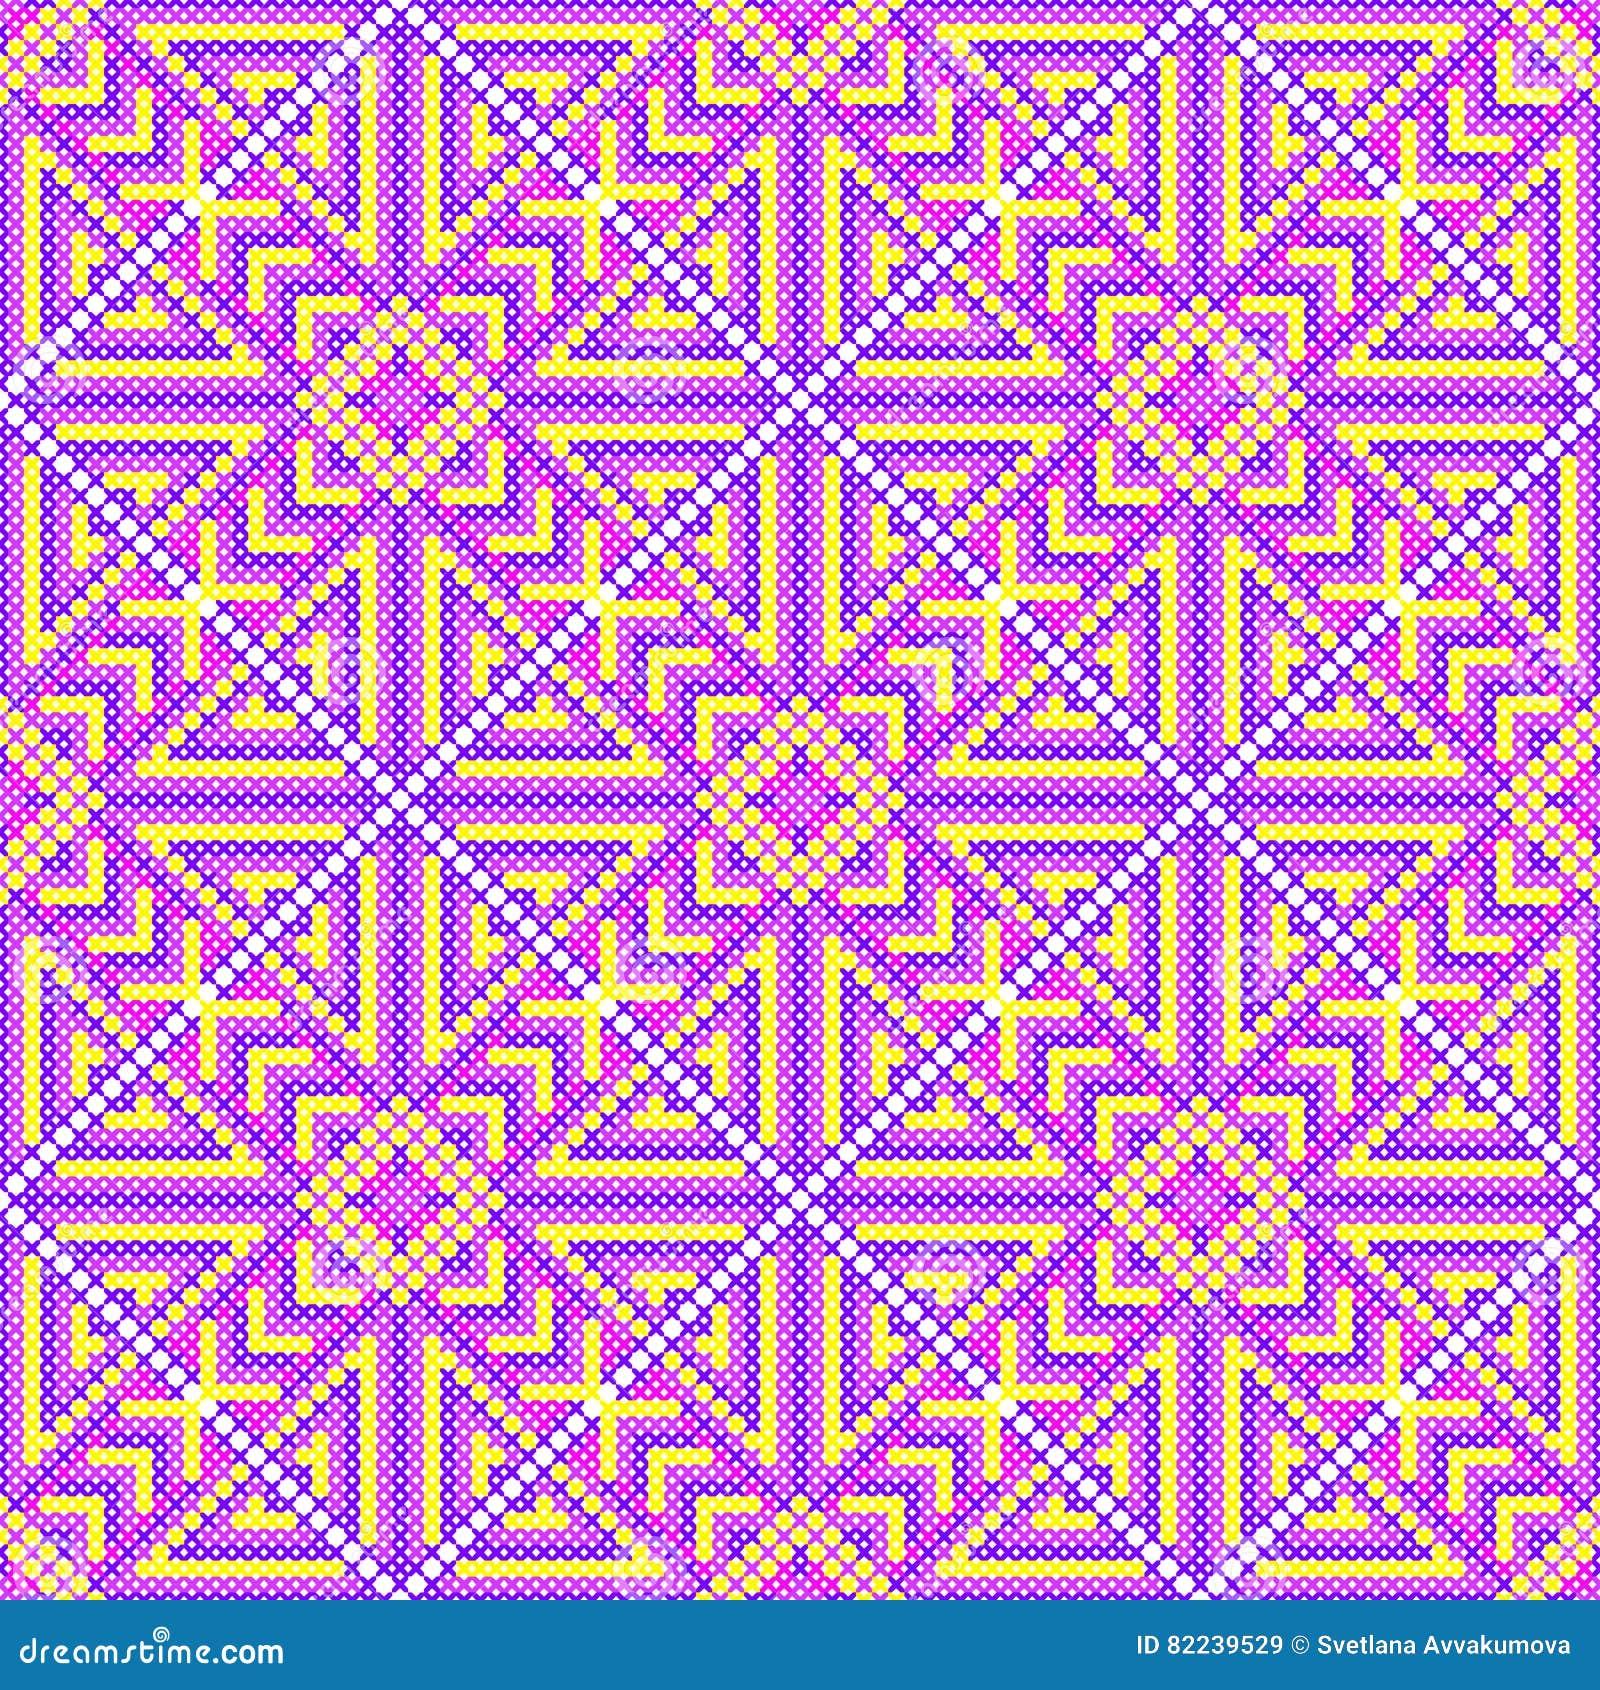 Dwarssteek Naadloos Patroon Borduurwerkachtergrond